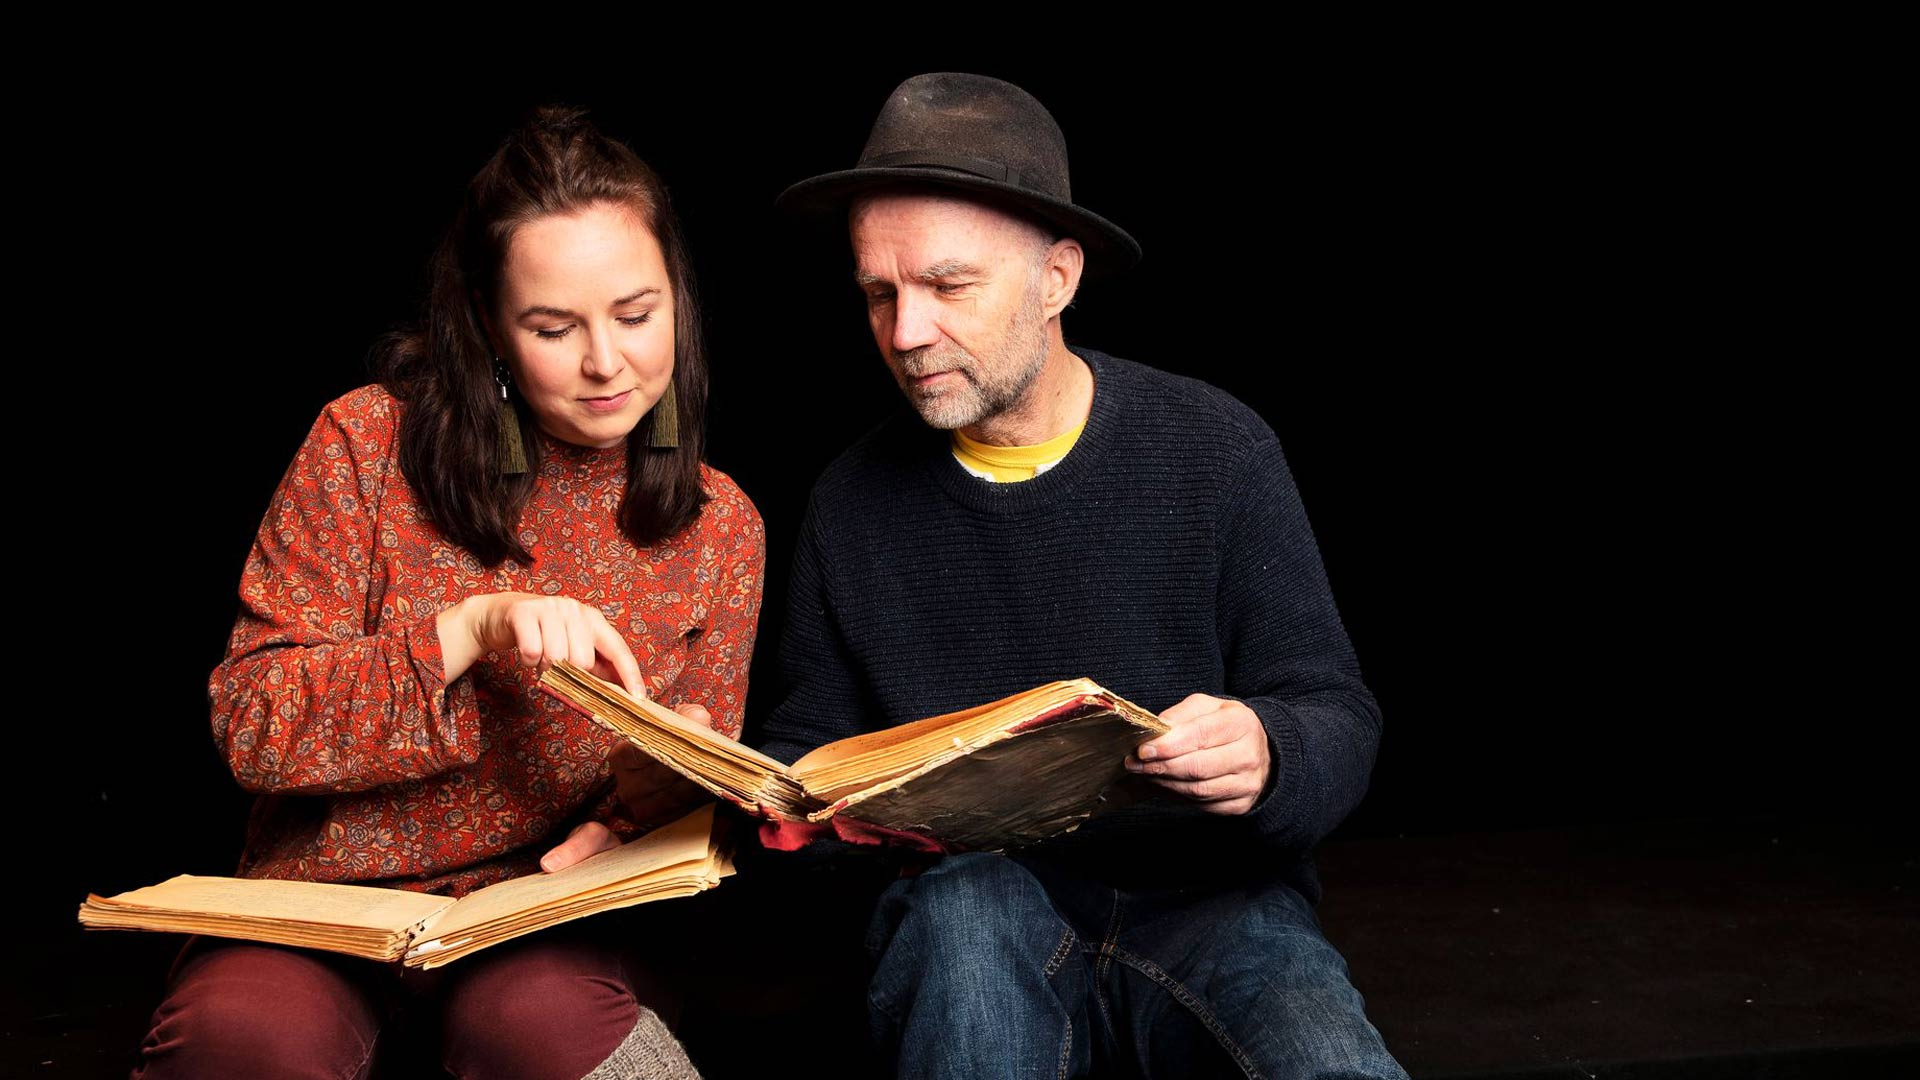 Muusikko ja musiikkipedagogi Juulia Rihu on perehtynyt Lydian kirjoihin yhdessä ohjaaja-käsikirjoittaja isänsä Juha Salmisen kanssa.